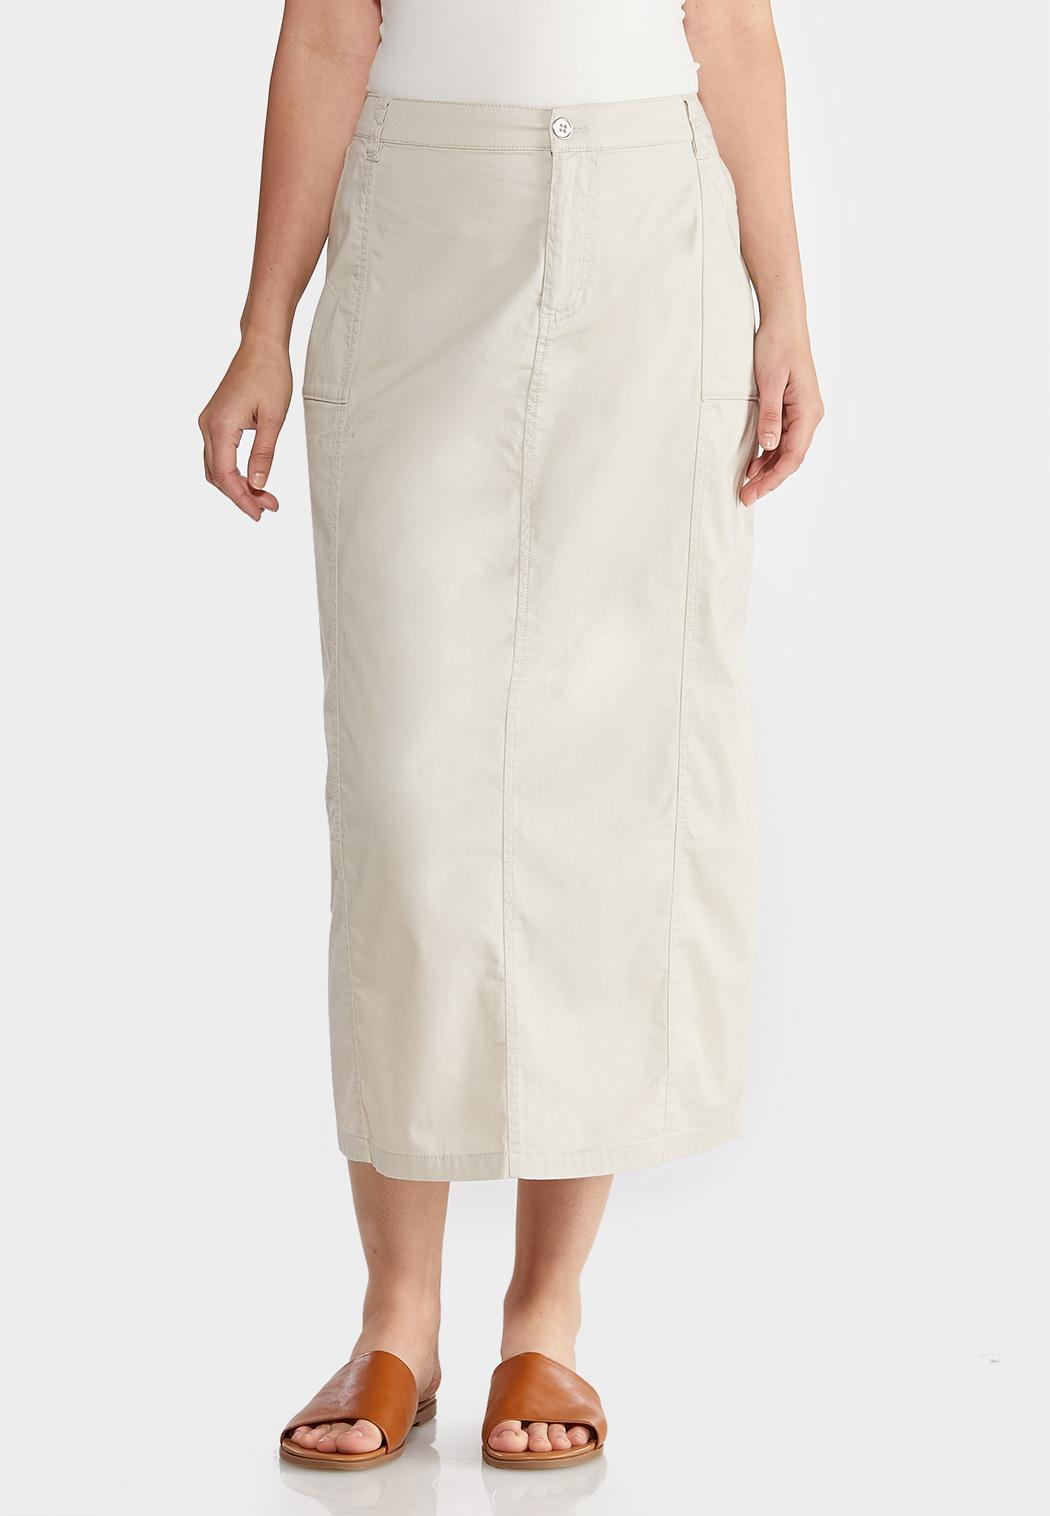 Plus Size Cargo Khaki Skirt